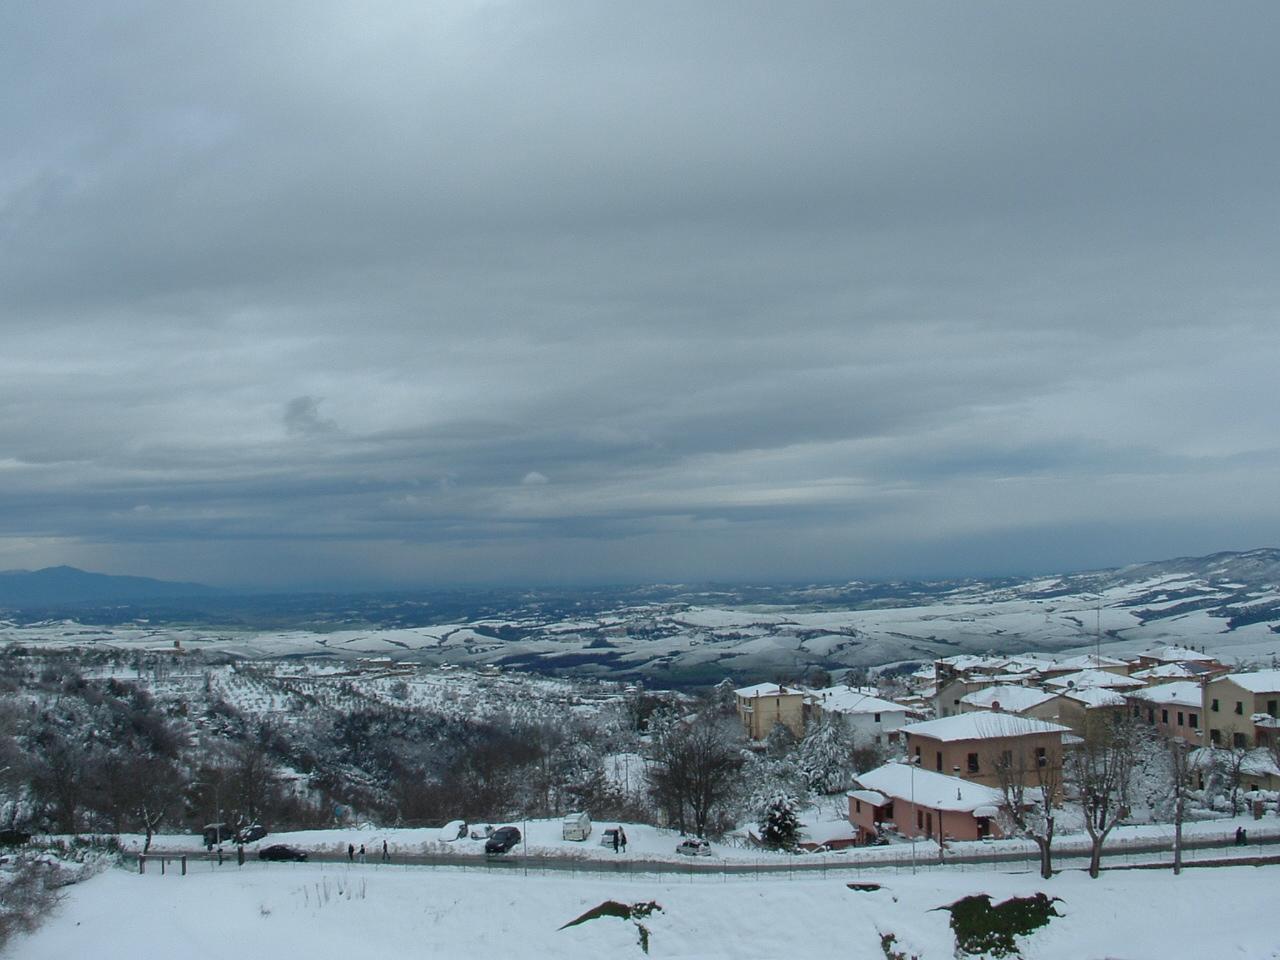 Volterra fotoreportage neve 9/10 marzo 2010..l'apoteosi nevosa!!-foto-mattina-volterra-10-marzo-2010-2-18-.jpg